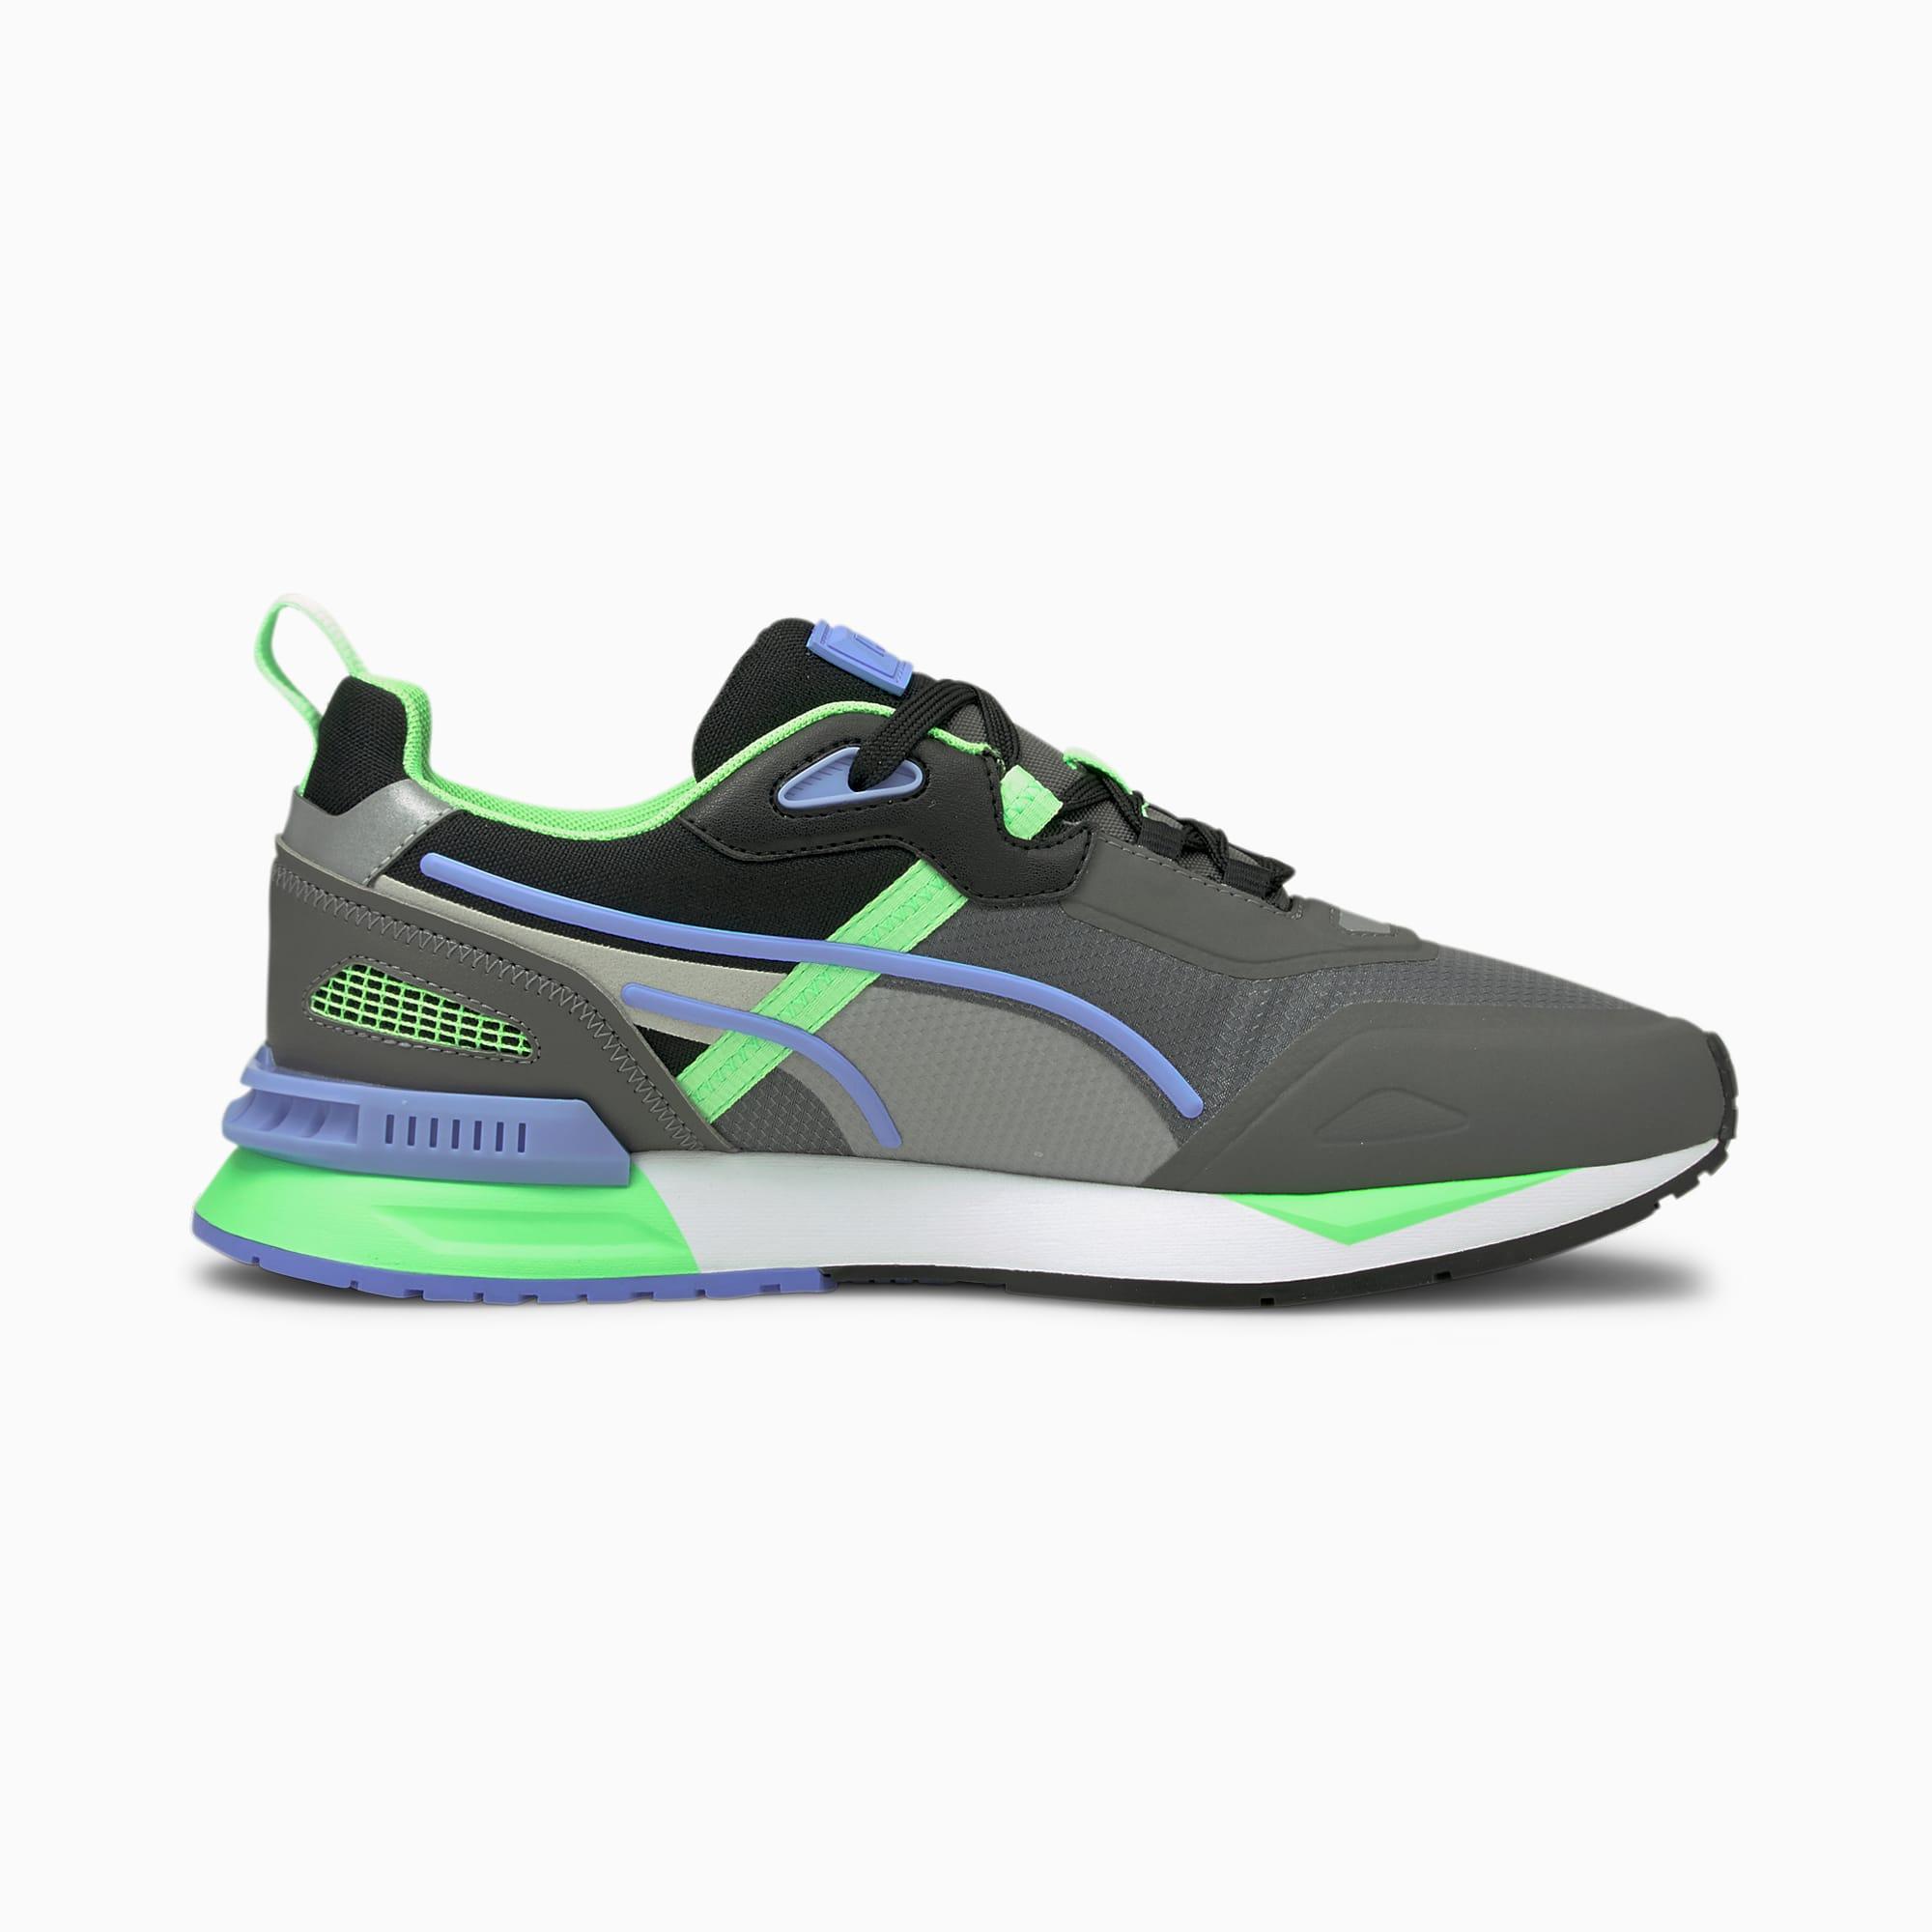 Mirage Tech Sneakers CASTLEROCK-Elektro Green